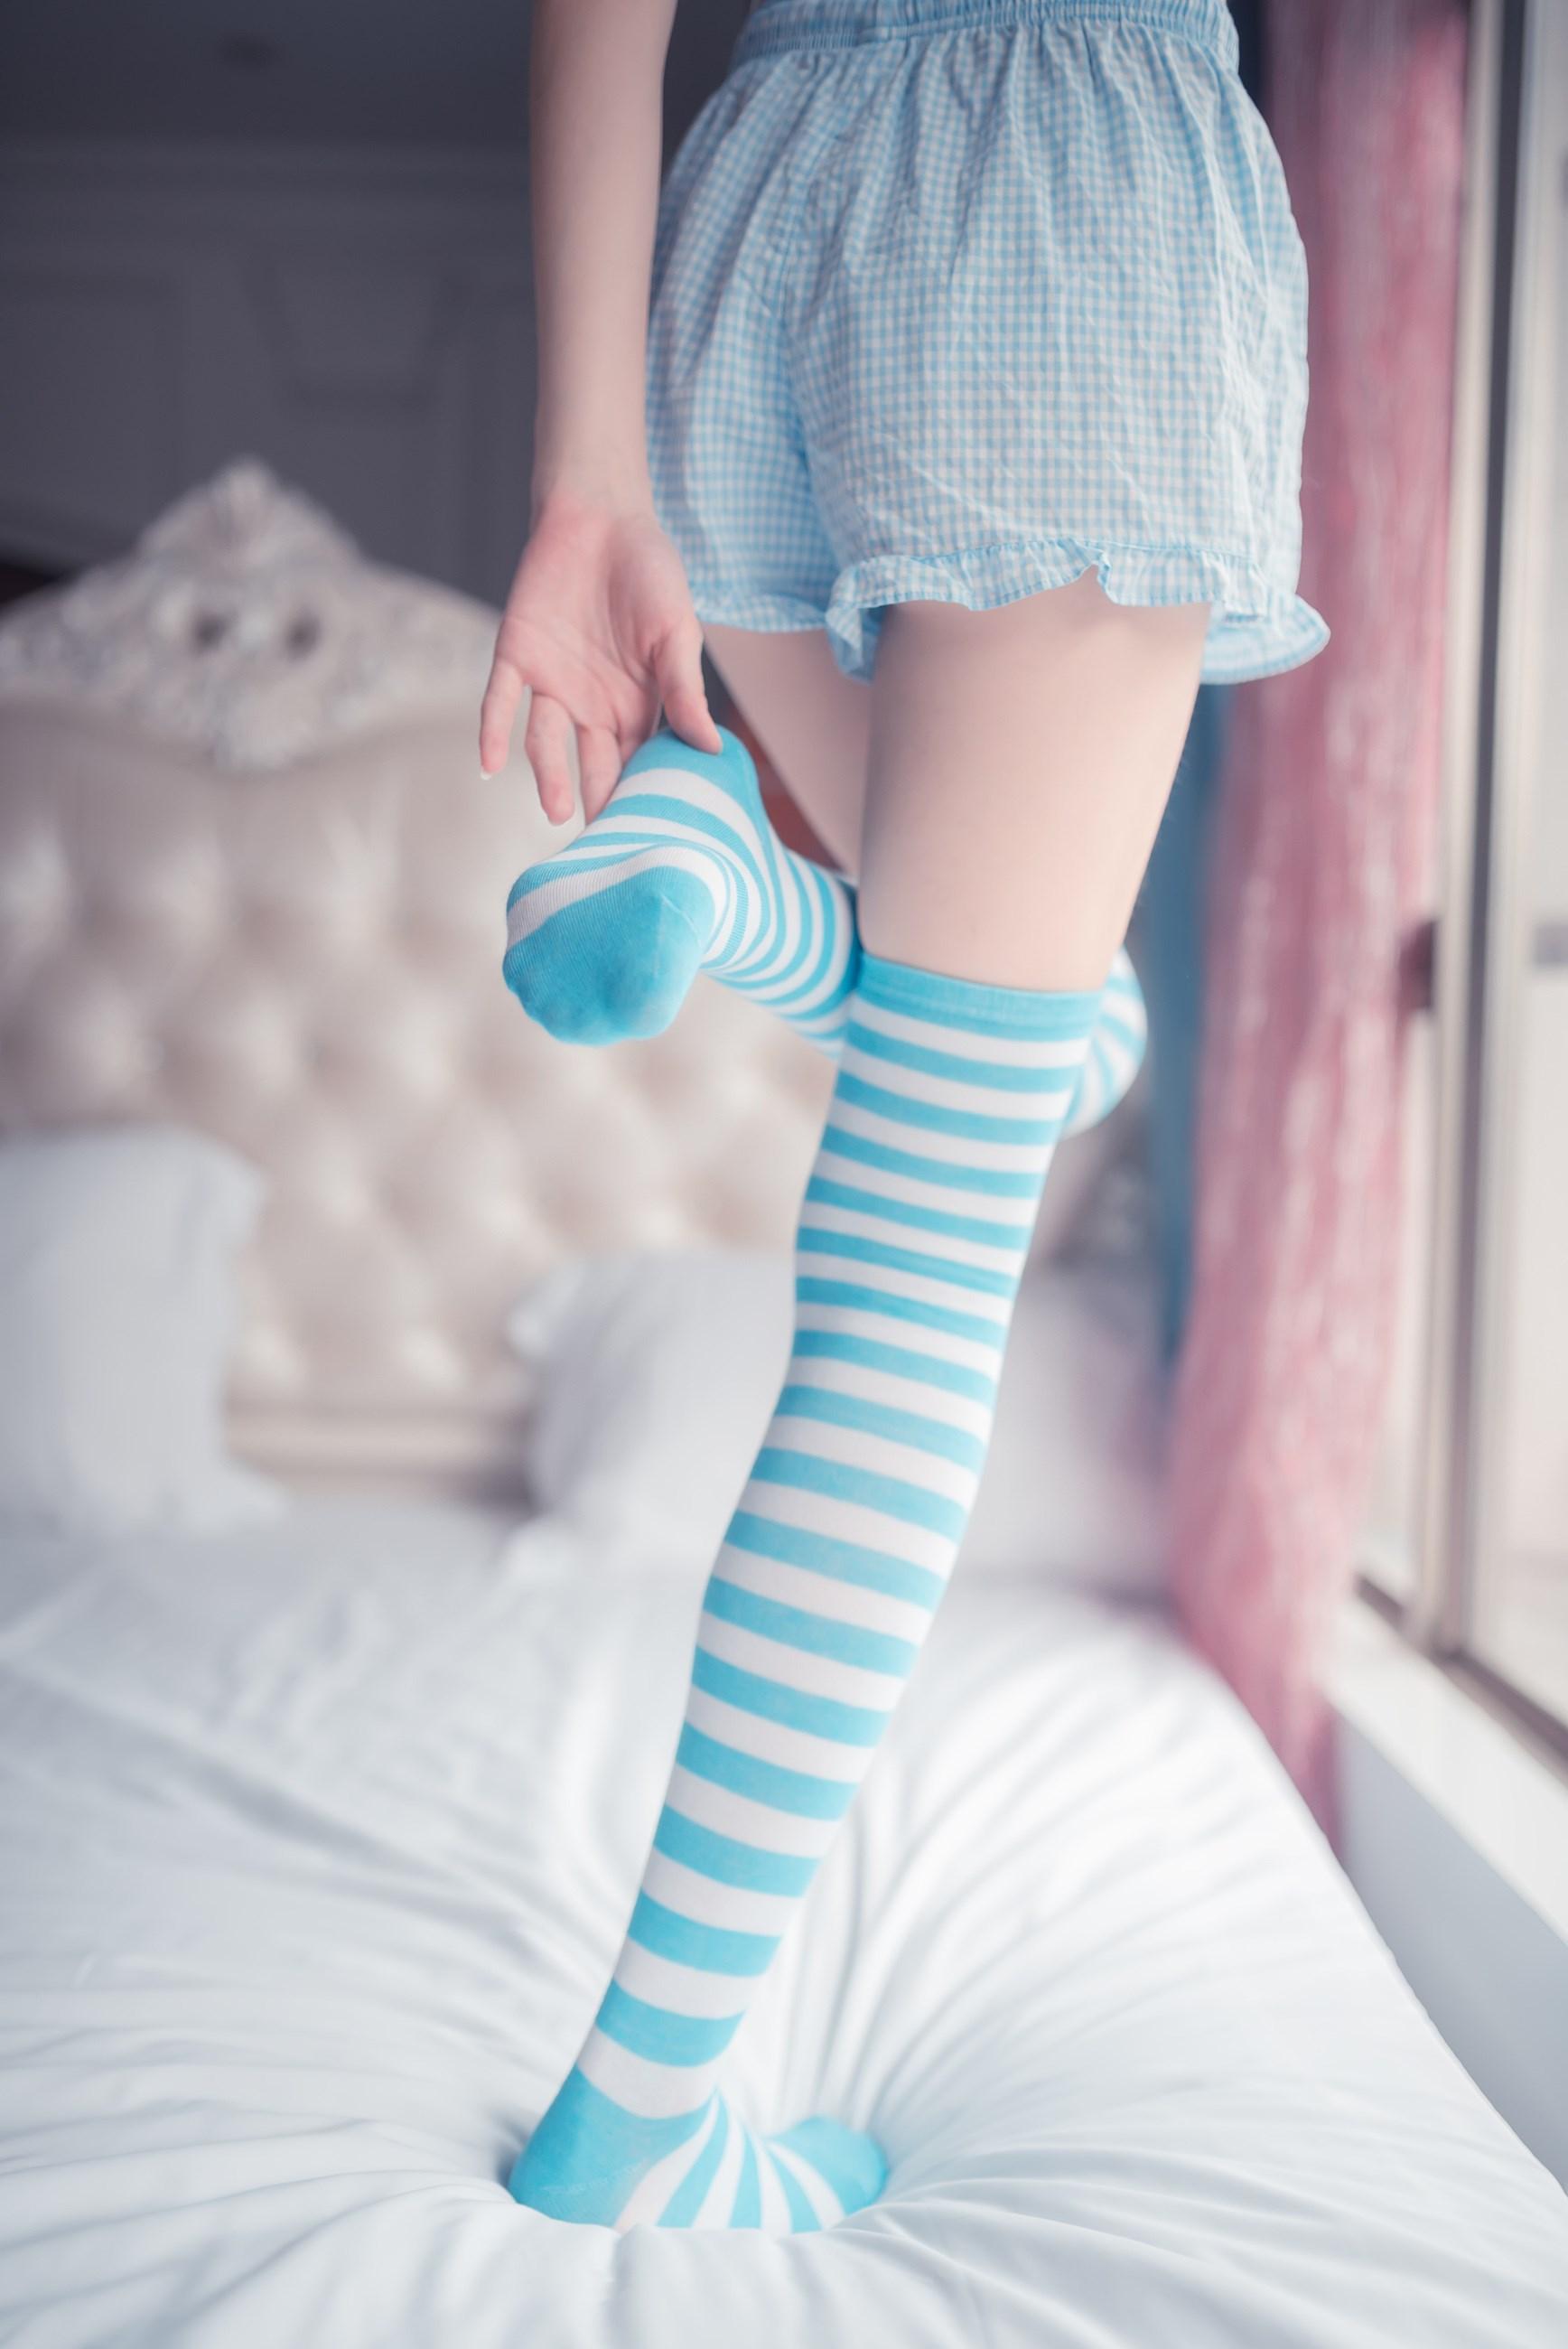 【兔玩映画】蓝白条纹 兔玩映画 第8张